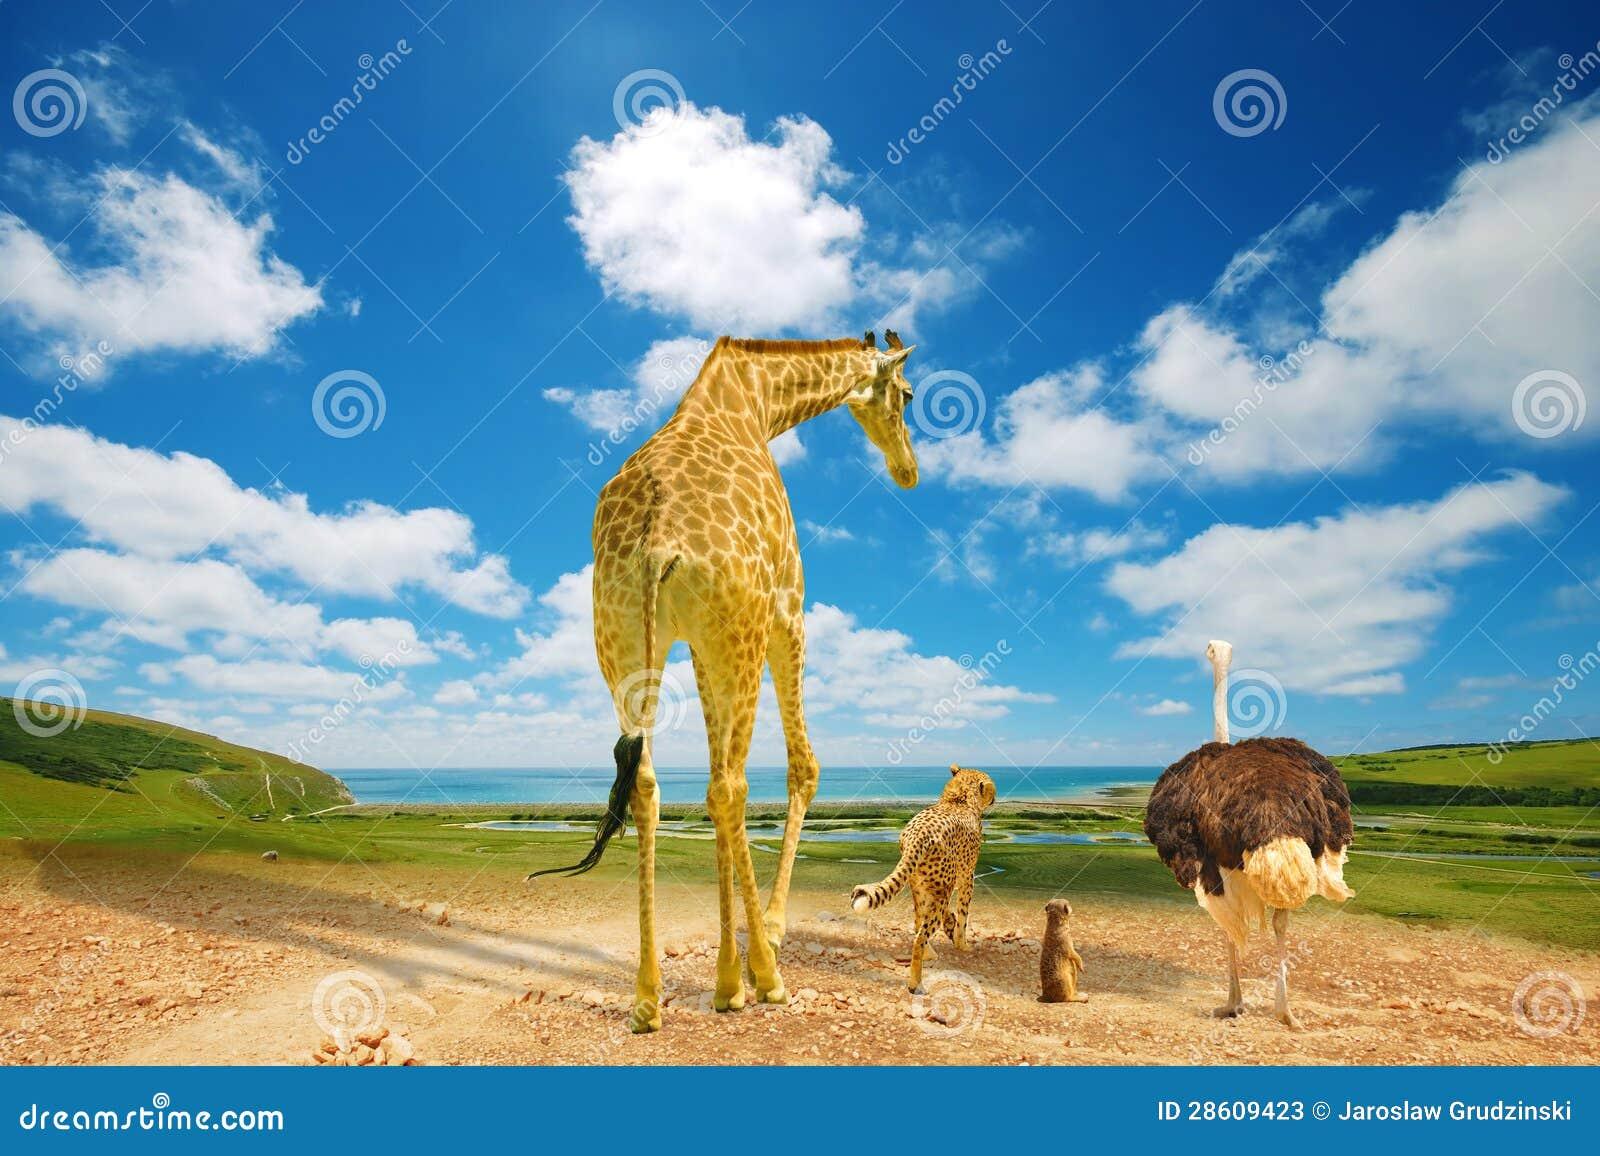 Djur som migrating till gröna länder